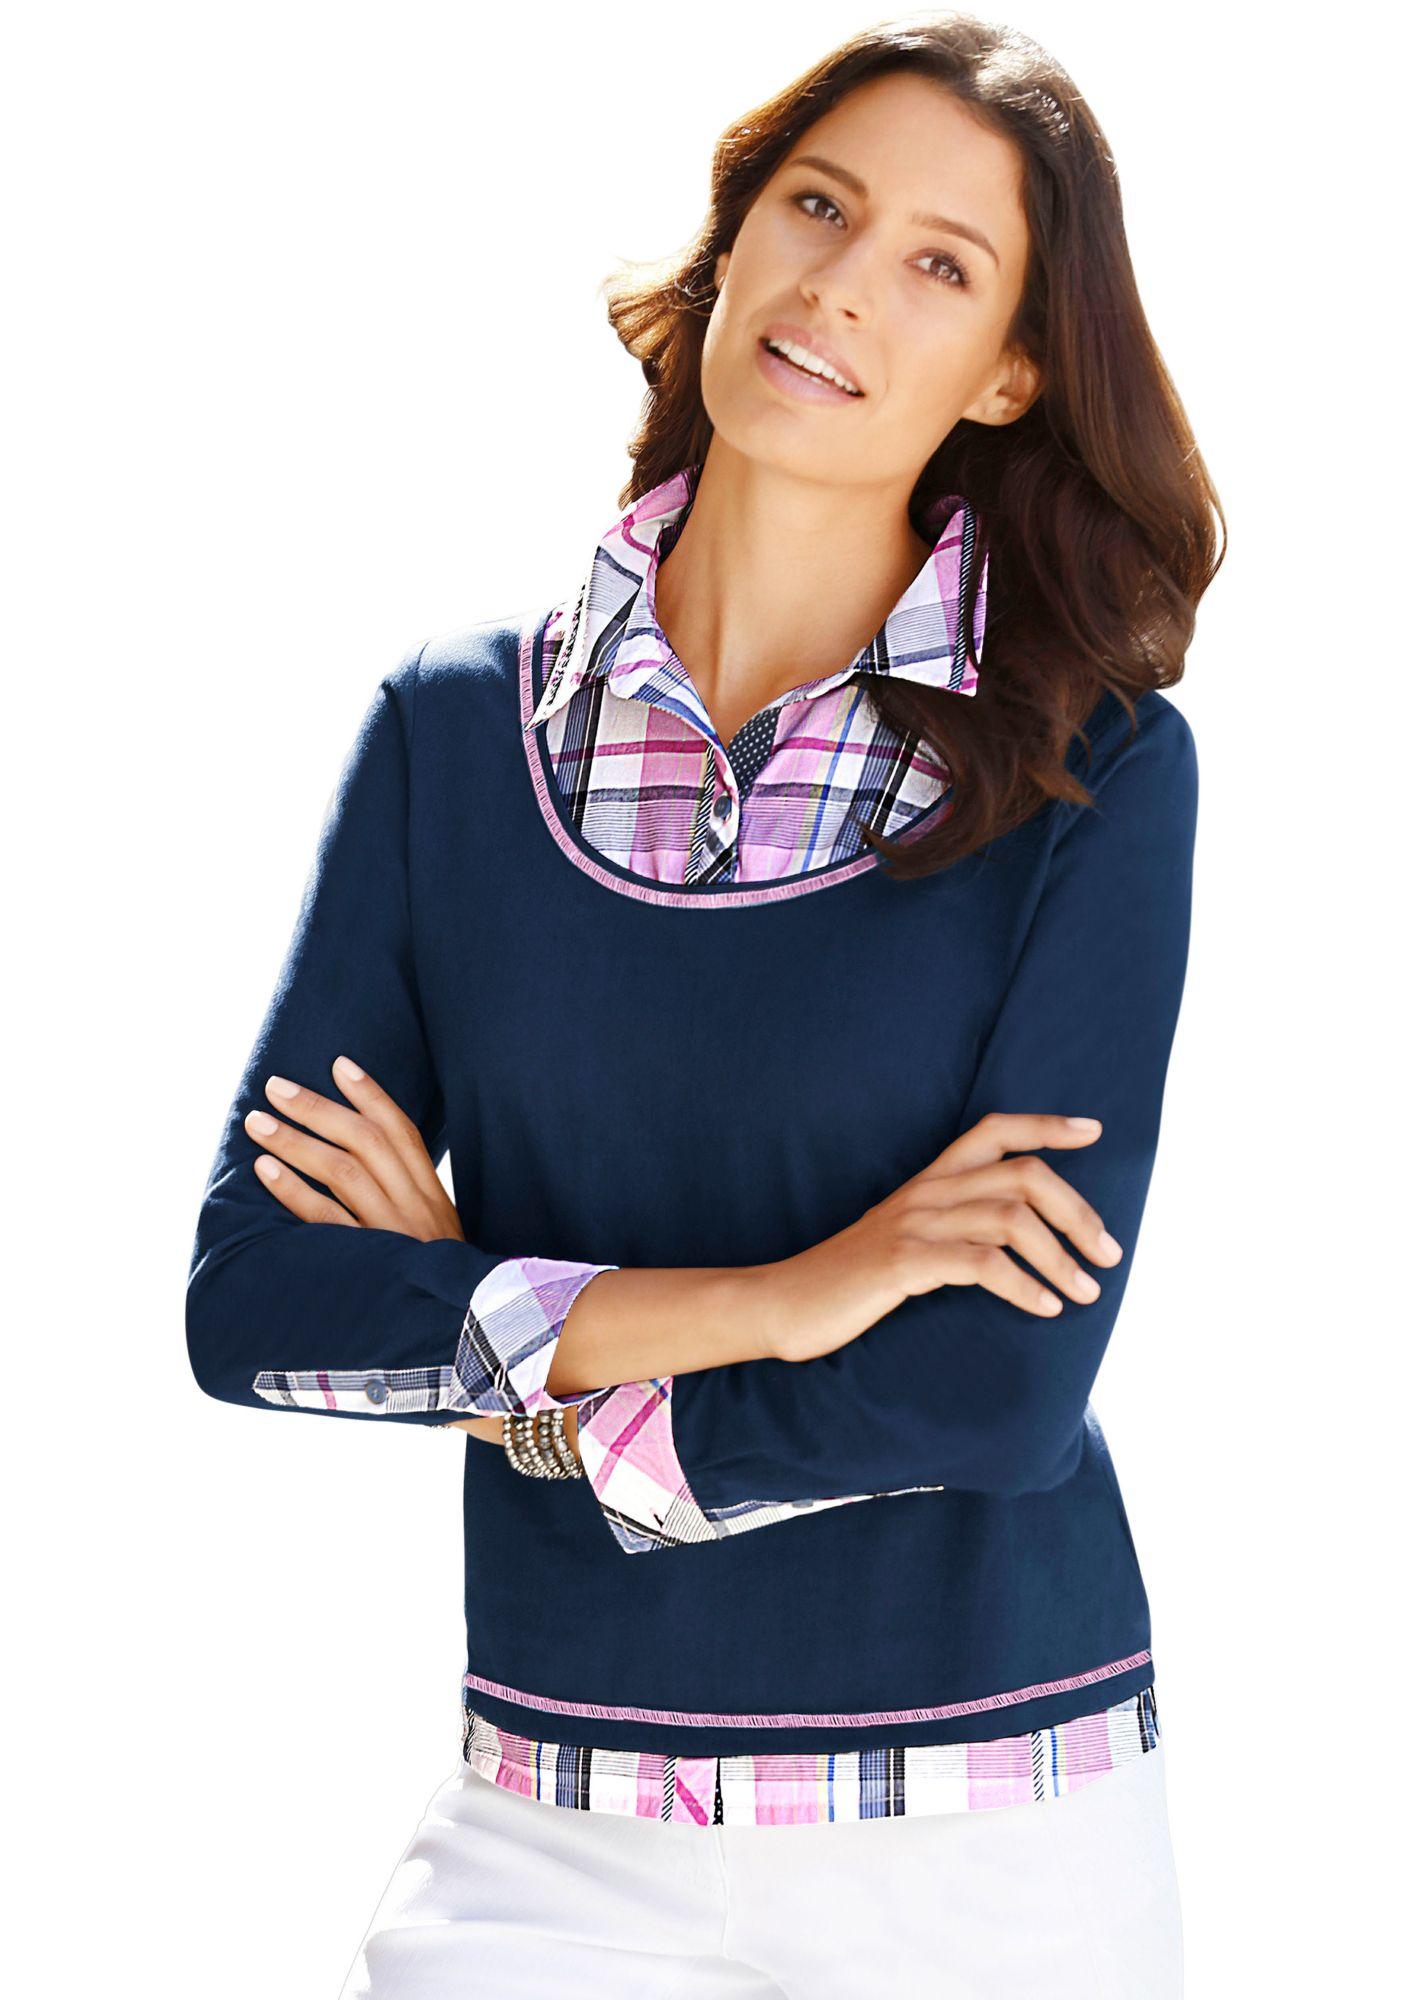 ALESSA W Alessa W. 2-in-1-Shirt mit Karo-Einsätzen in Web-Qualität